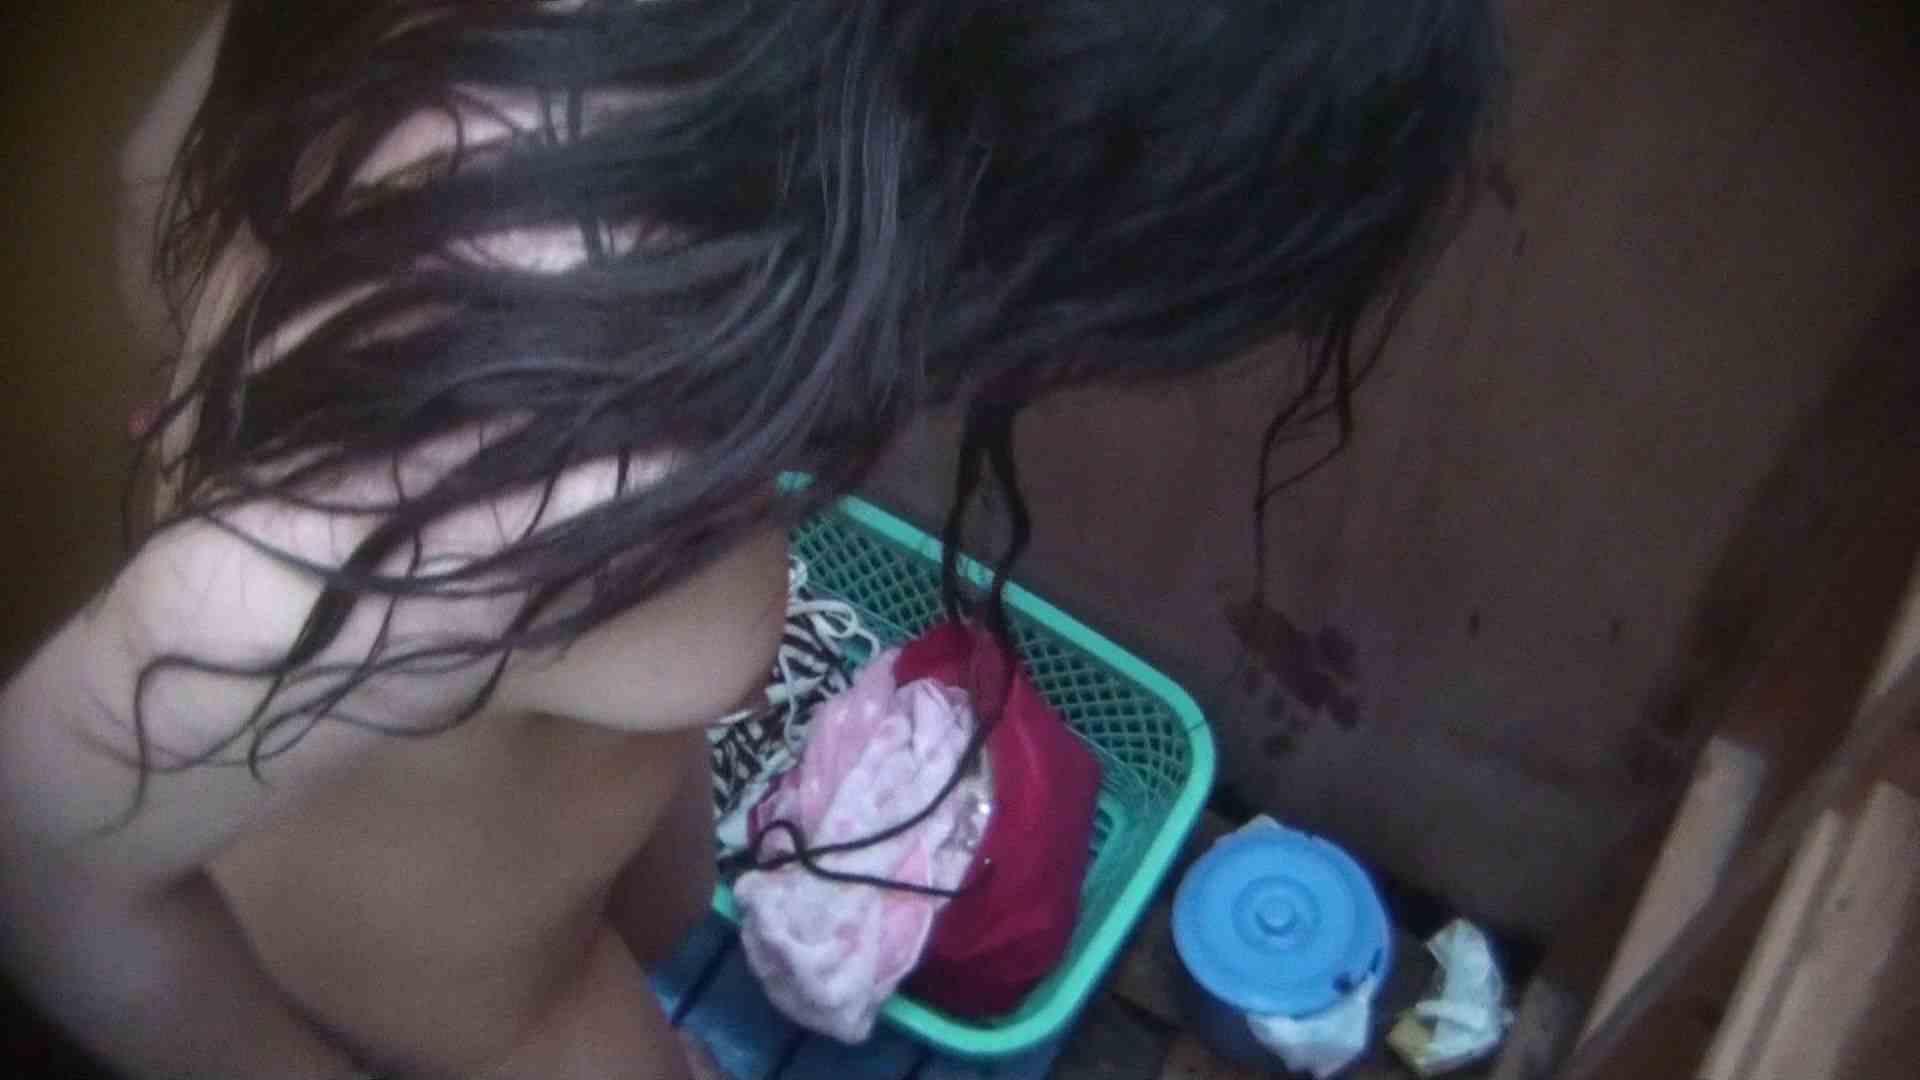 シャワールームは超!!危険な香りVol.13 ムッチムチのいやらしい身体つき シャワー  111pic 70